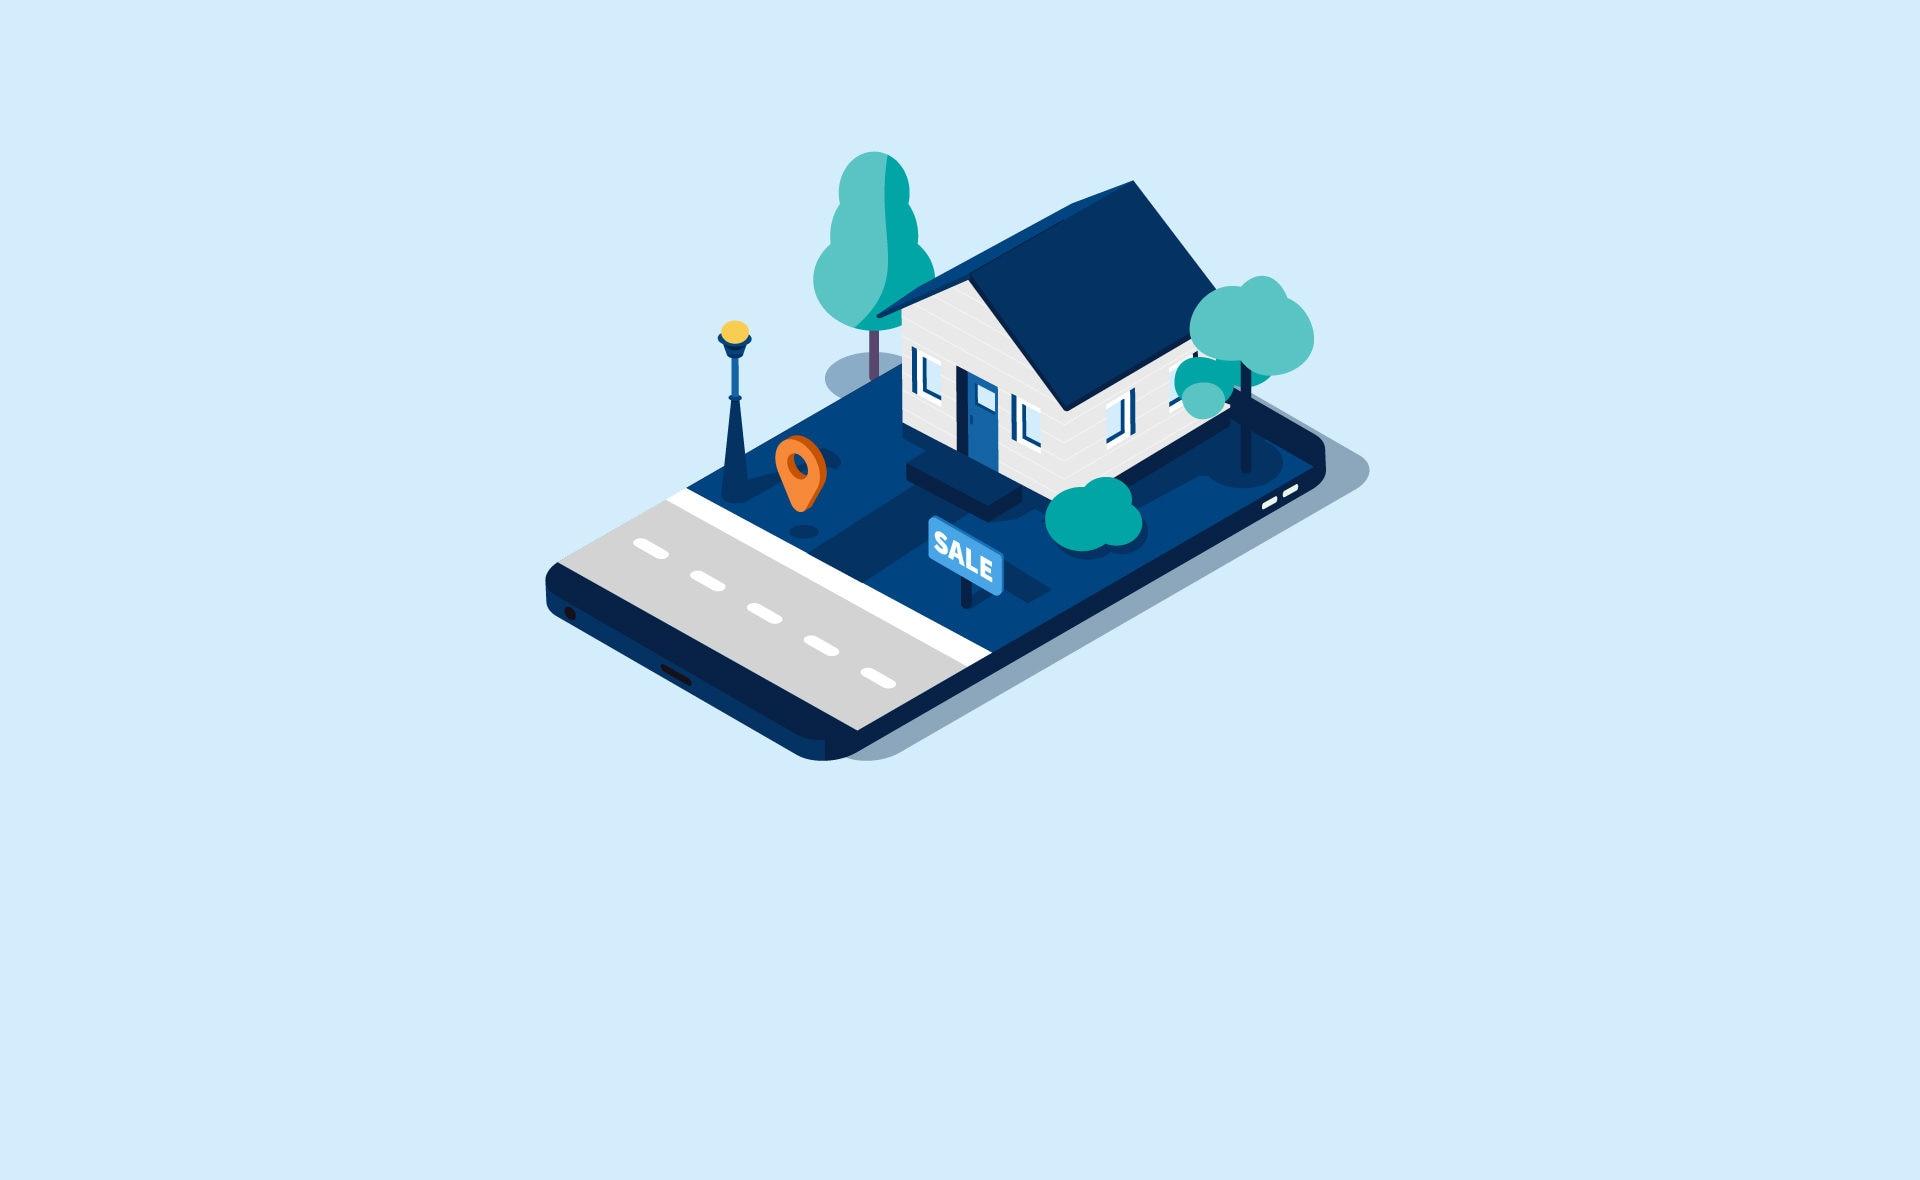 Buscar_casa-hogar-inmobiliario